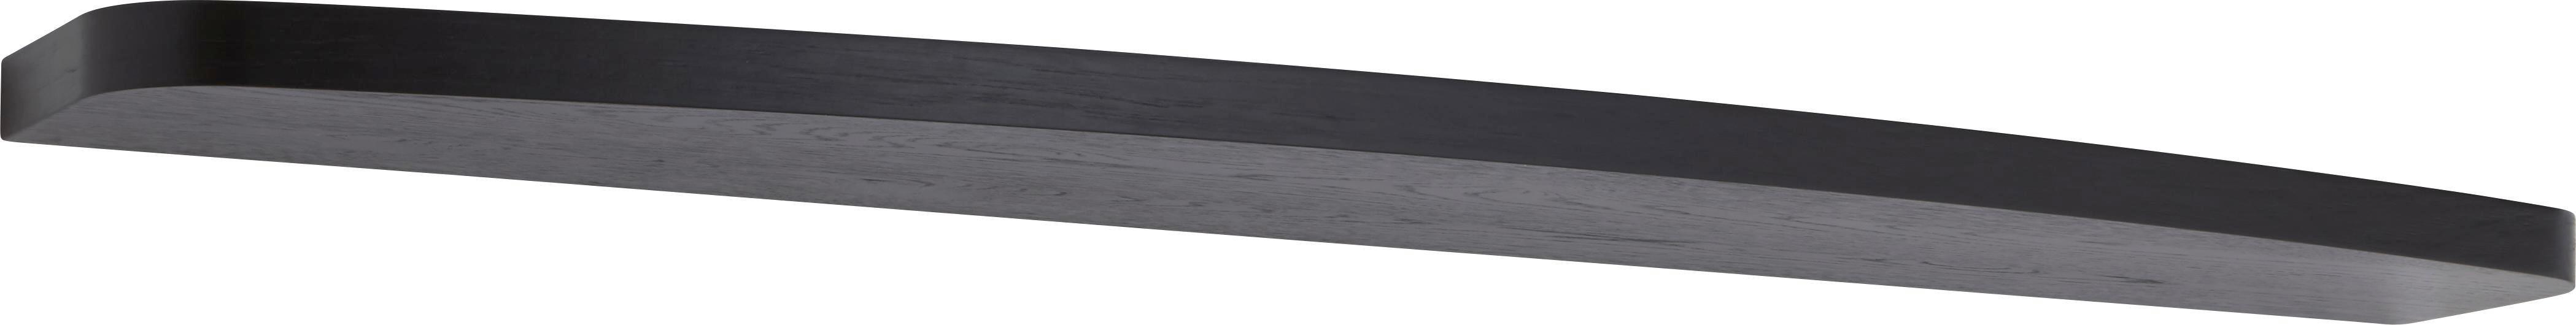 Beeindruckend Wandboard Metall Referenz Von Awesome In Cm Schwarz Schwarz Design Holz